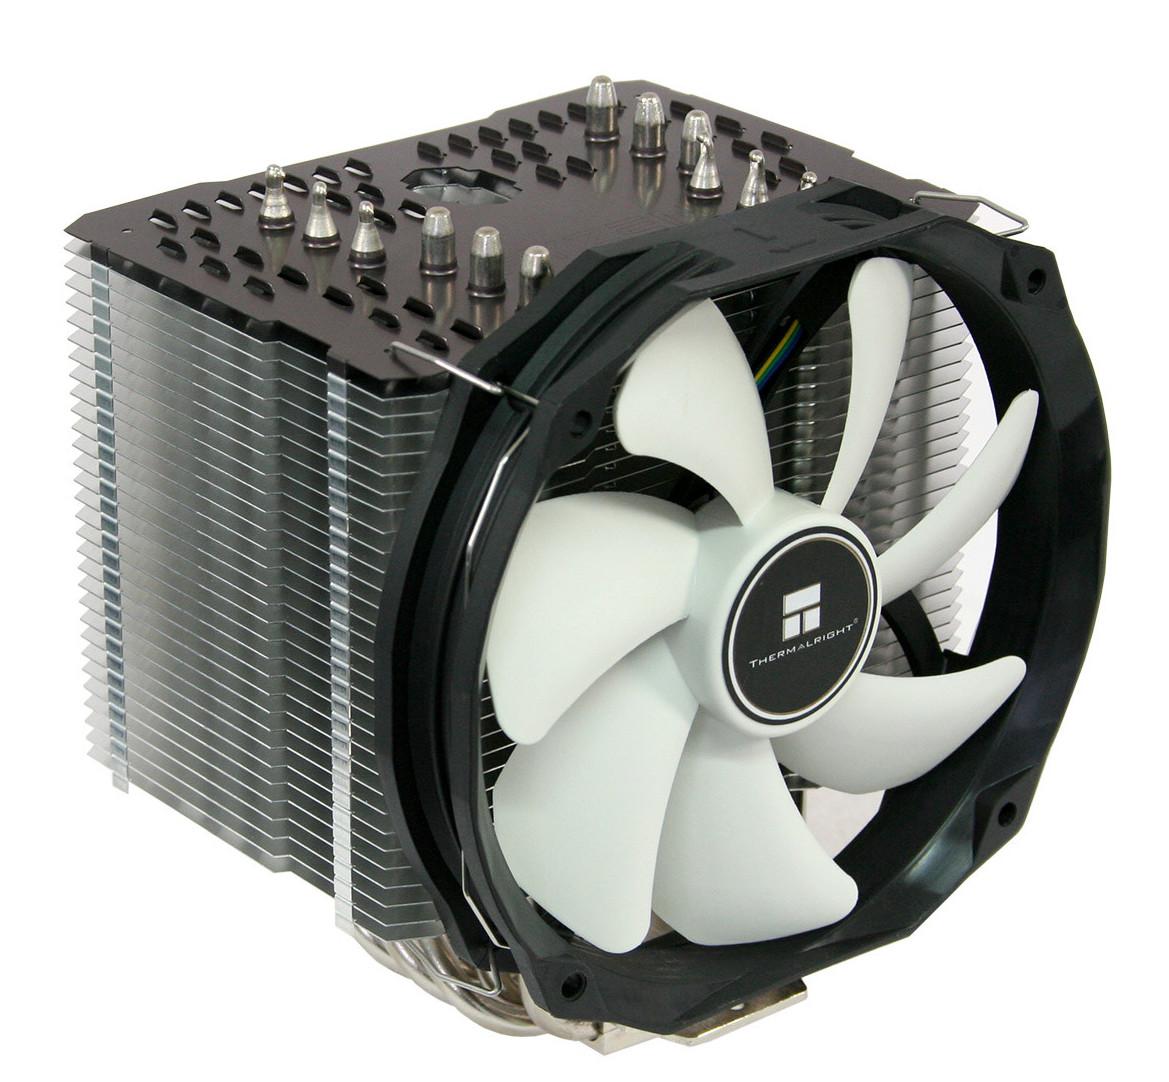 Thermalright lanza ARO-M14G y ARO-M14O para CPUs AMD Ryzen